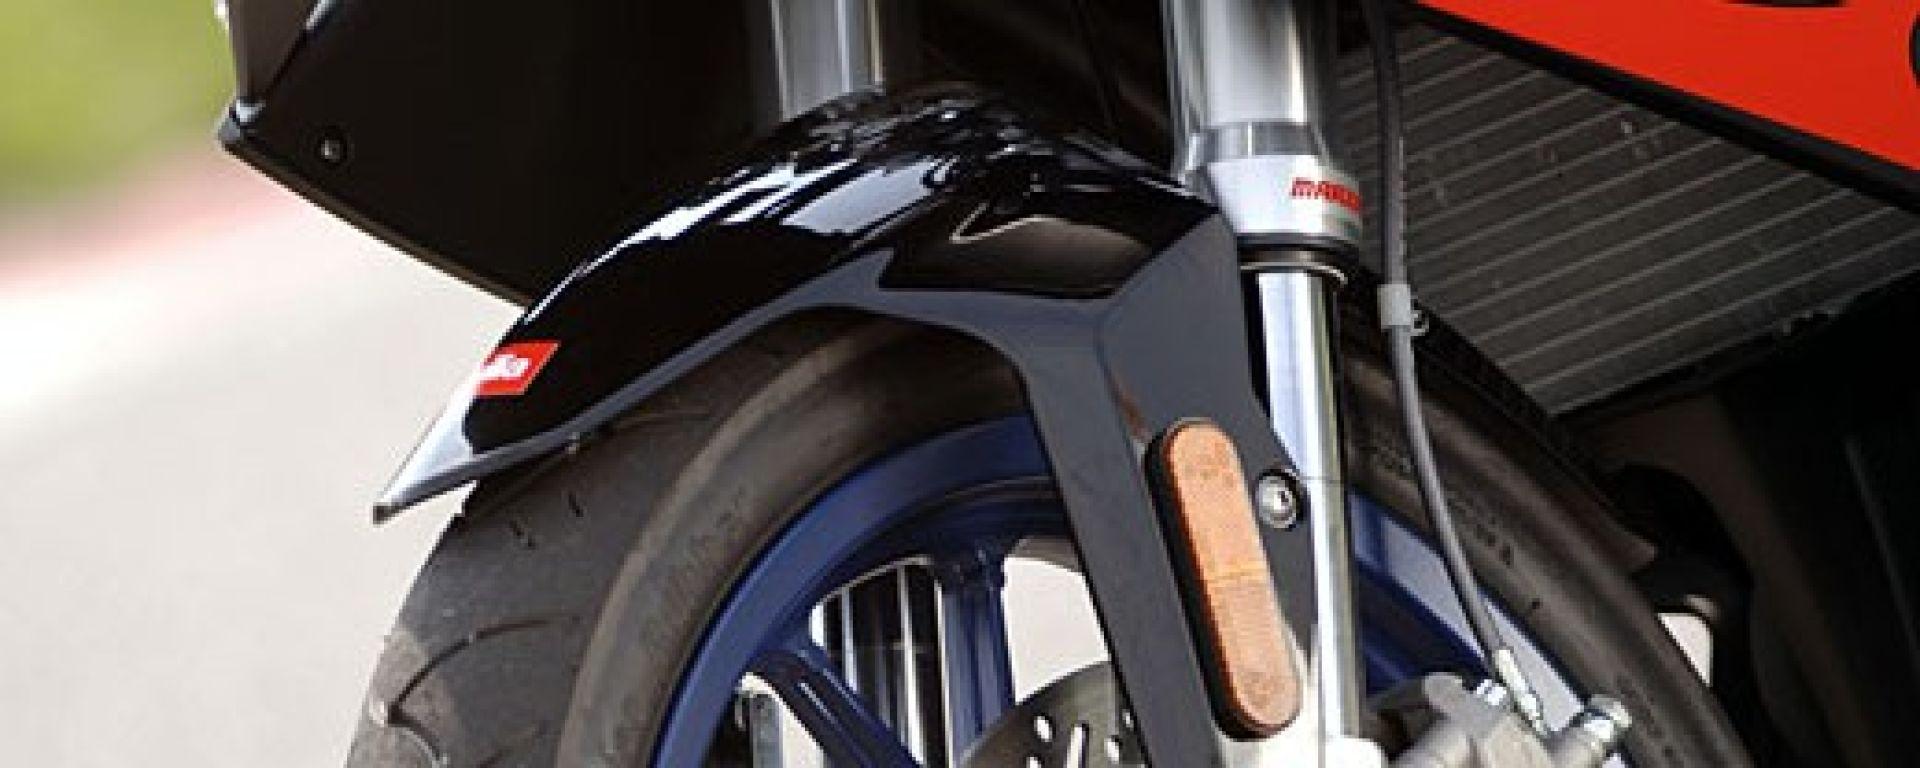 Aprilia Moto 50